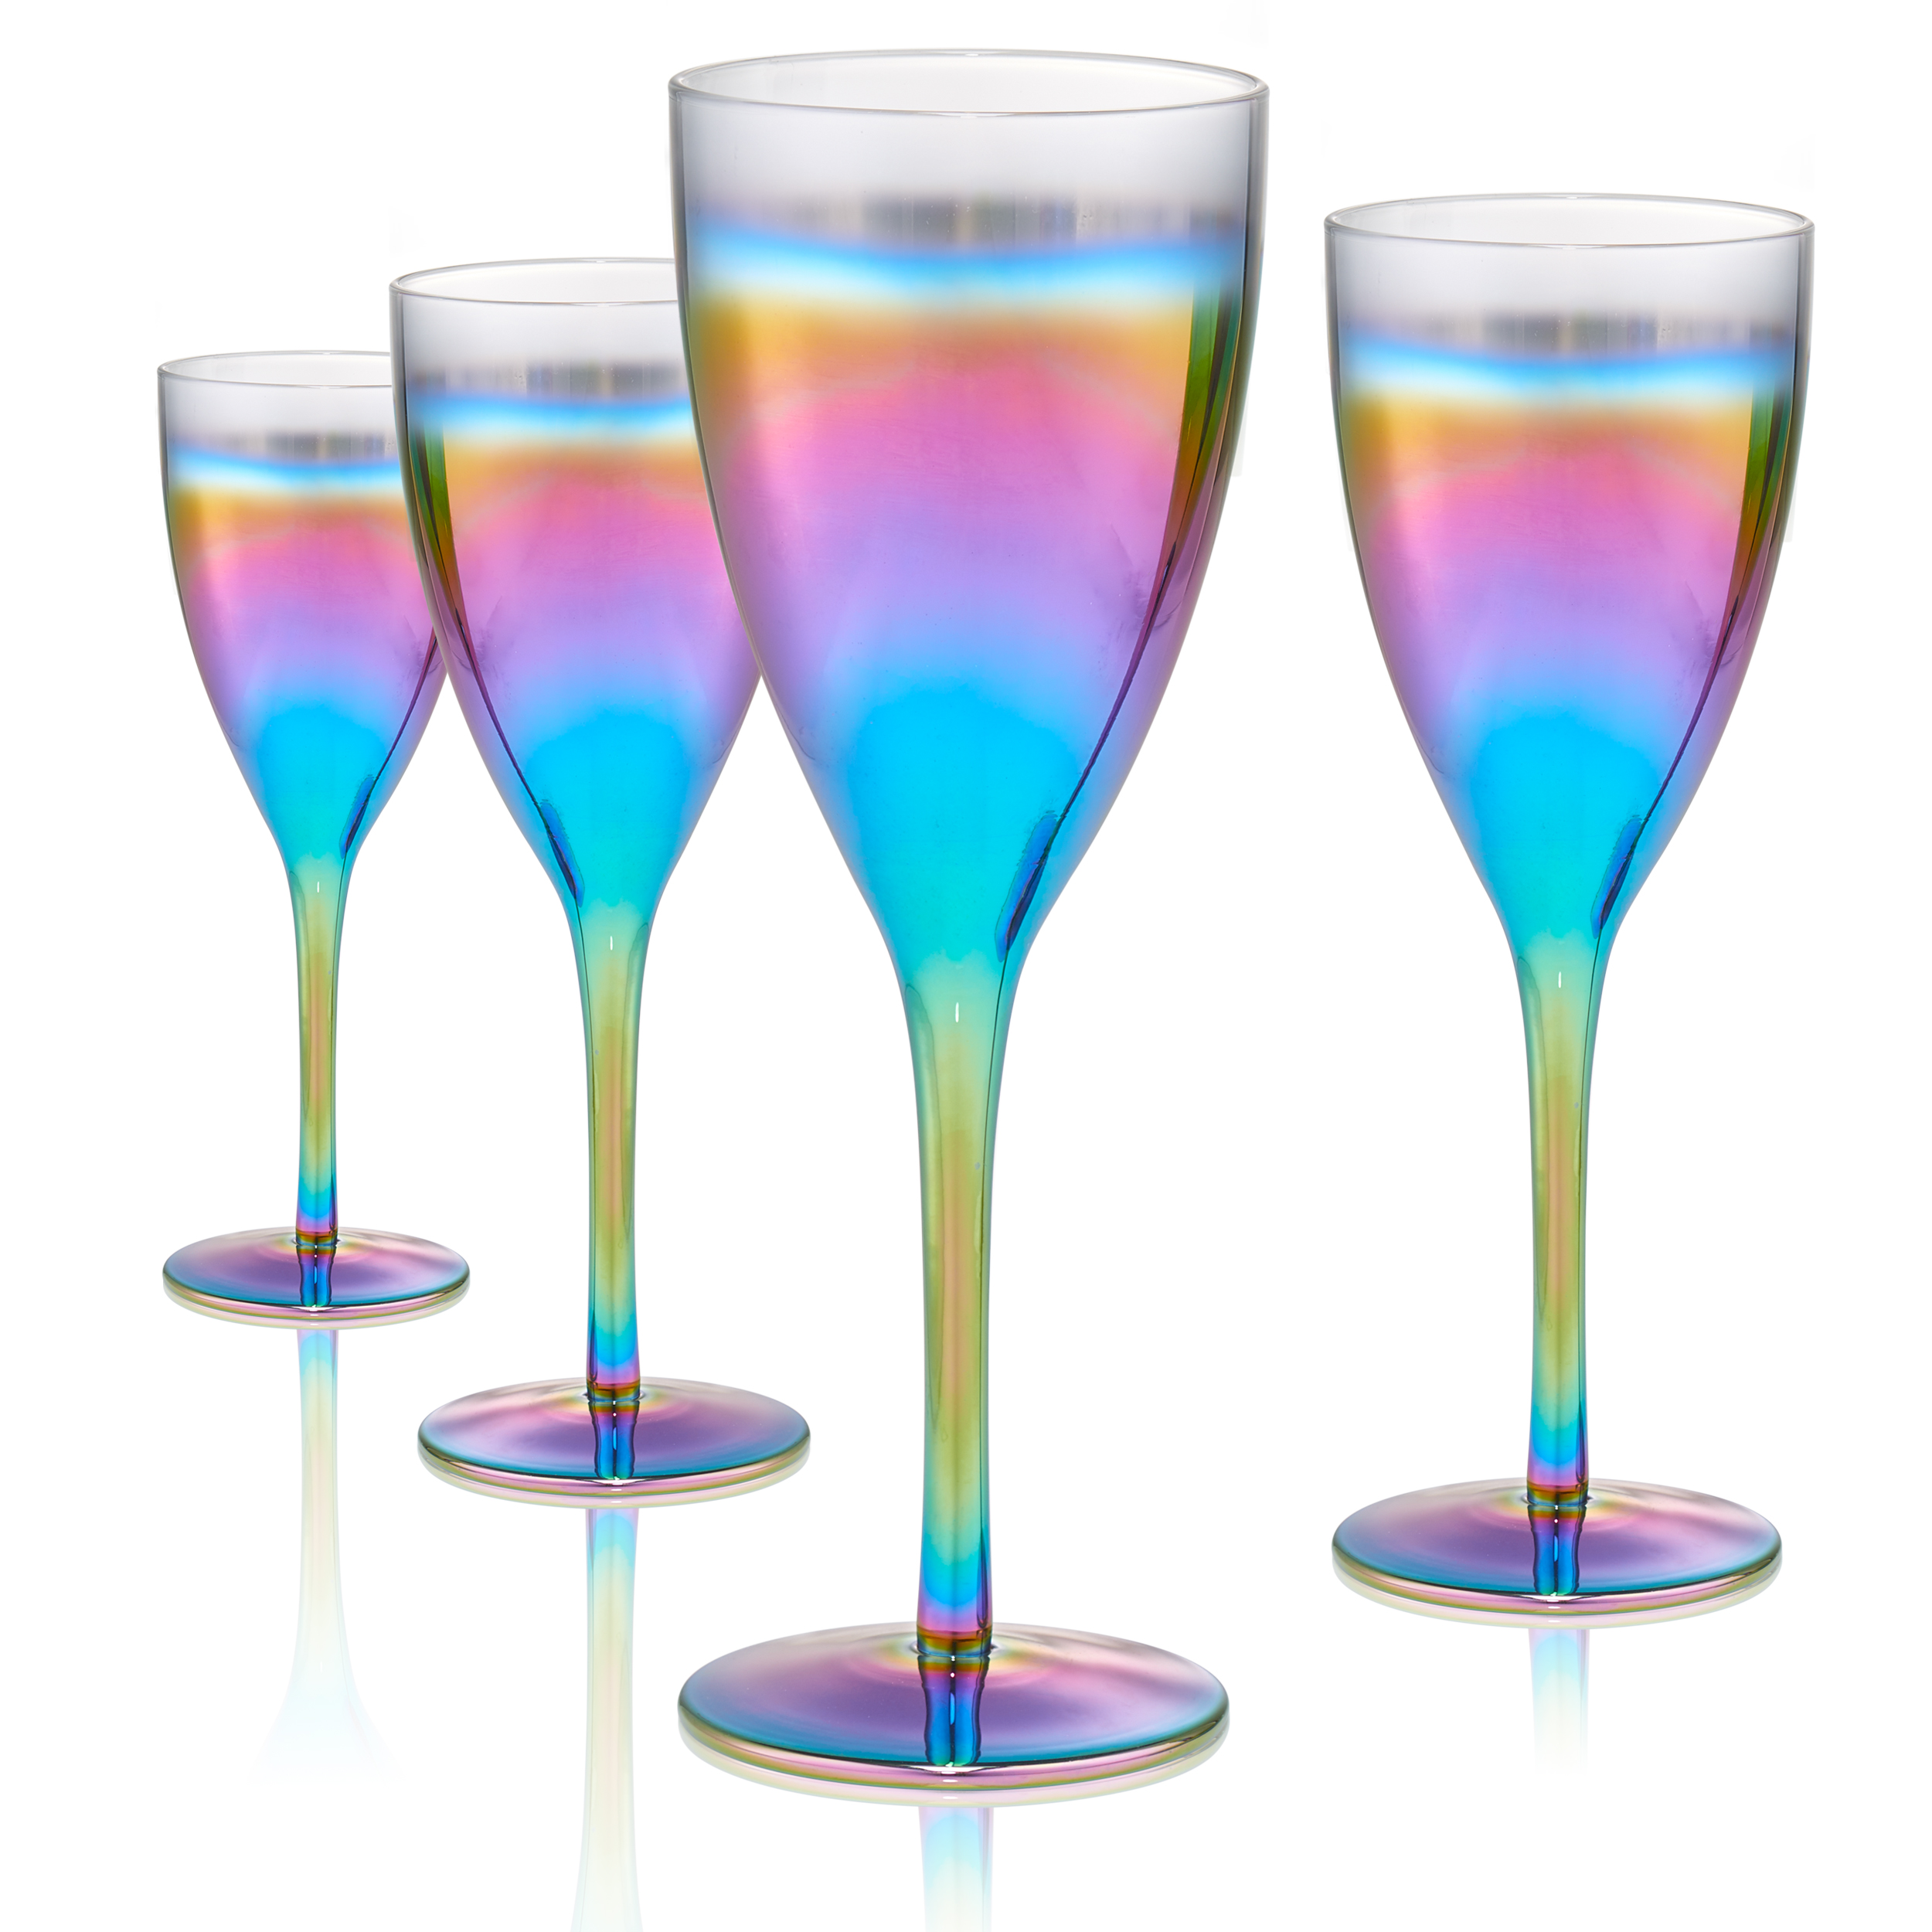 Artland Rainbow Goblet S/4, 14Oz